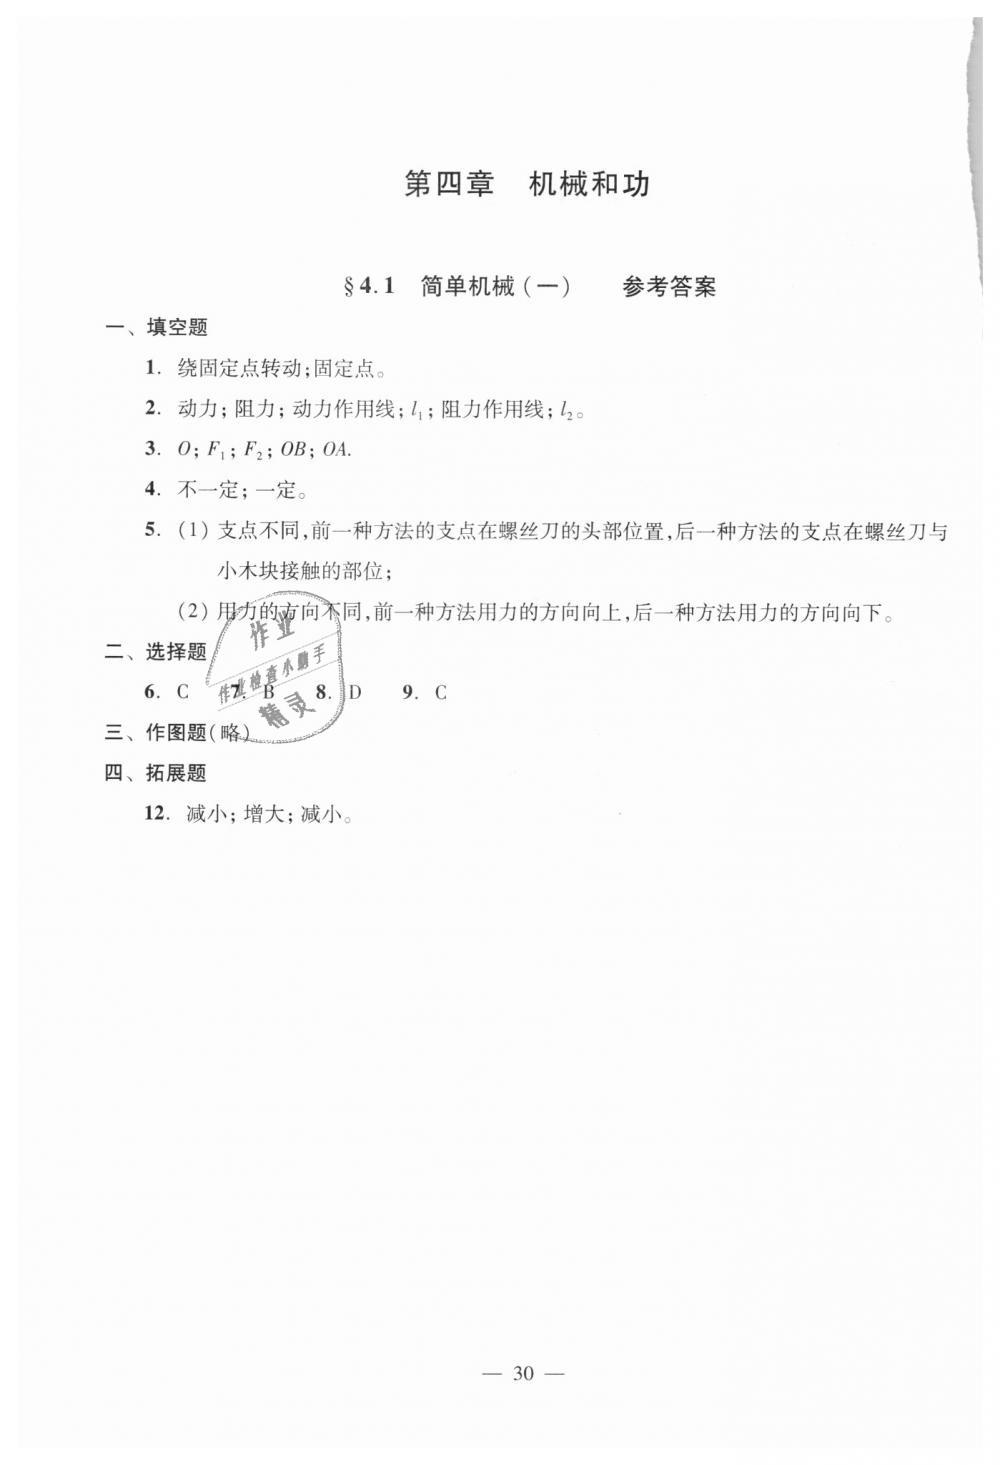 2018年初中物理双基过关堂堂练八年级全一册沪教版第30页